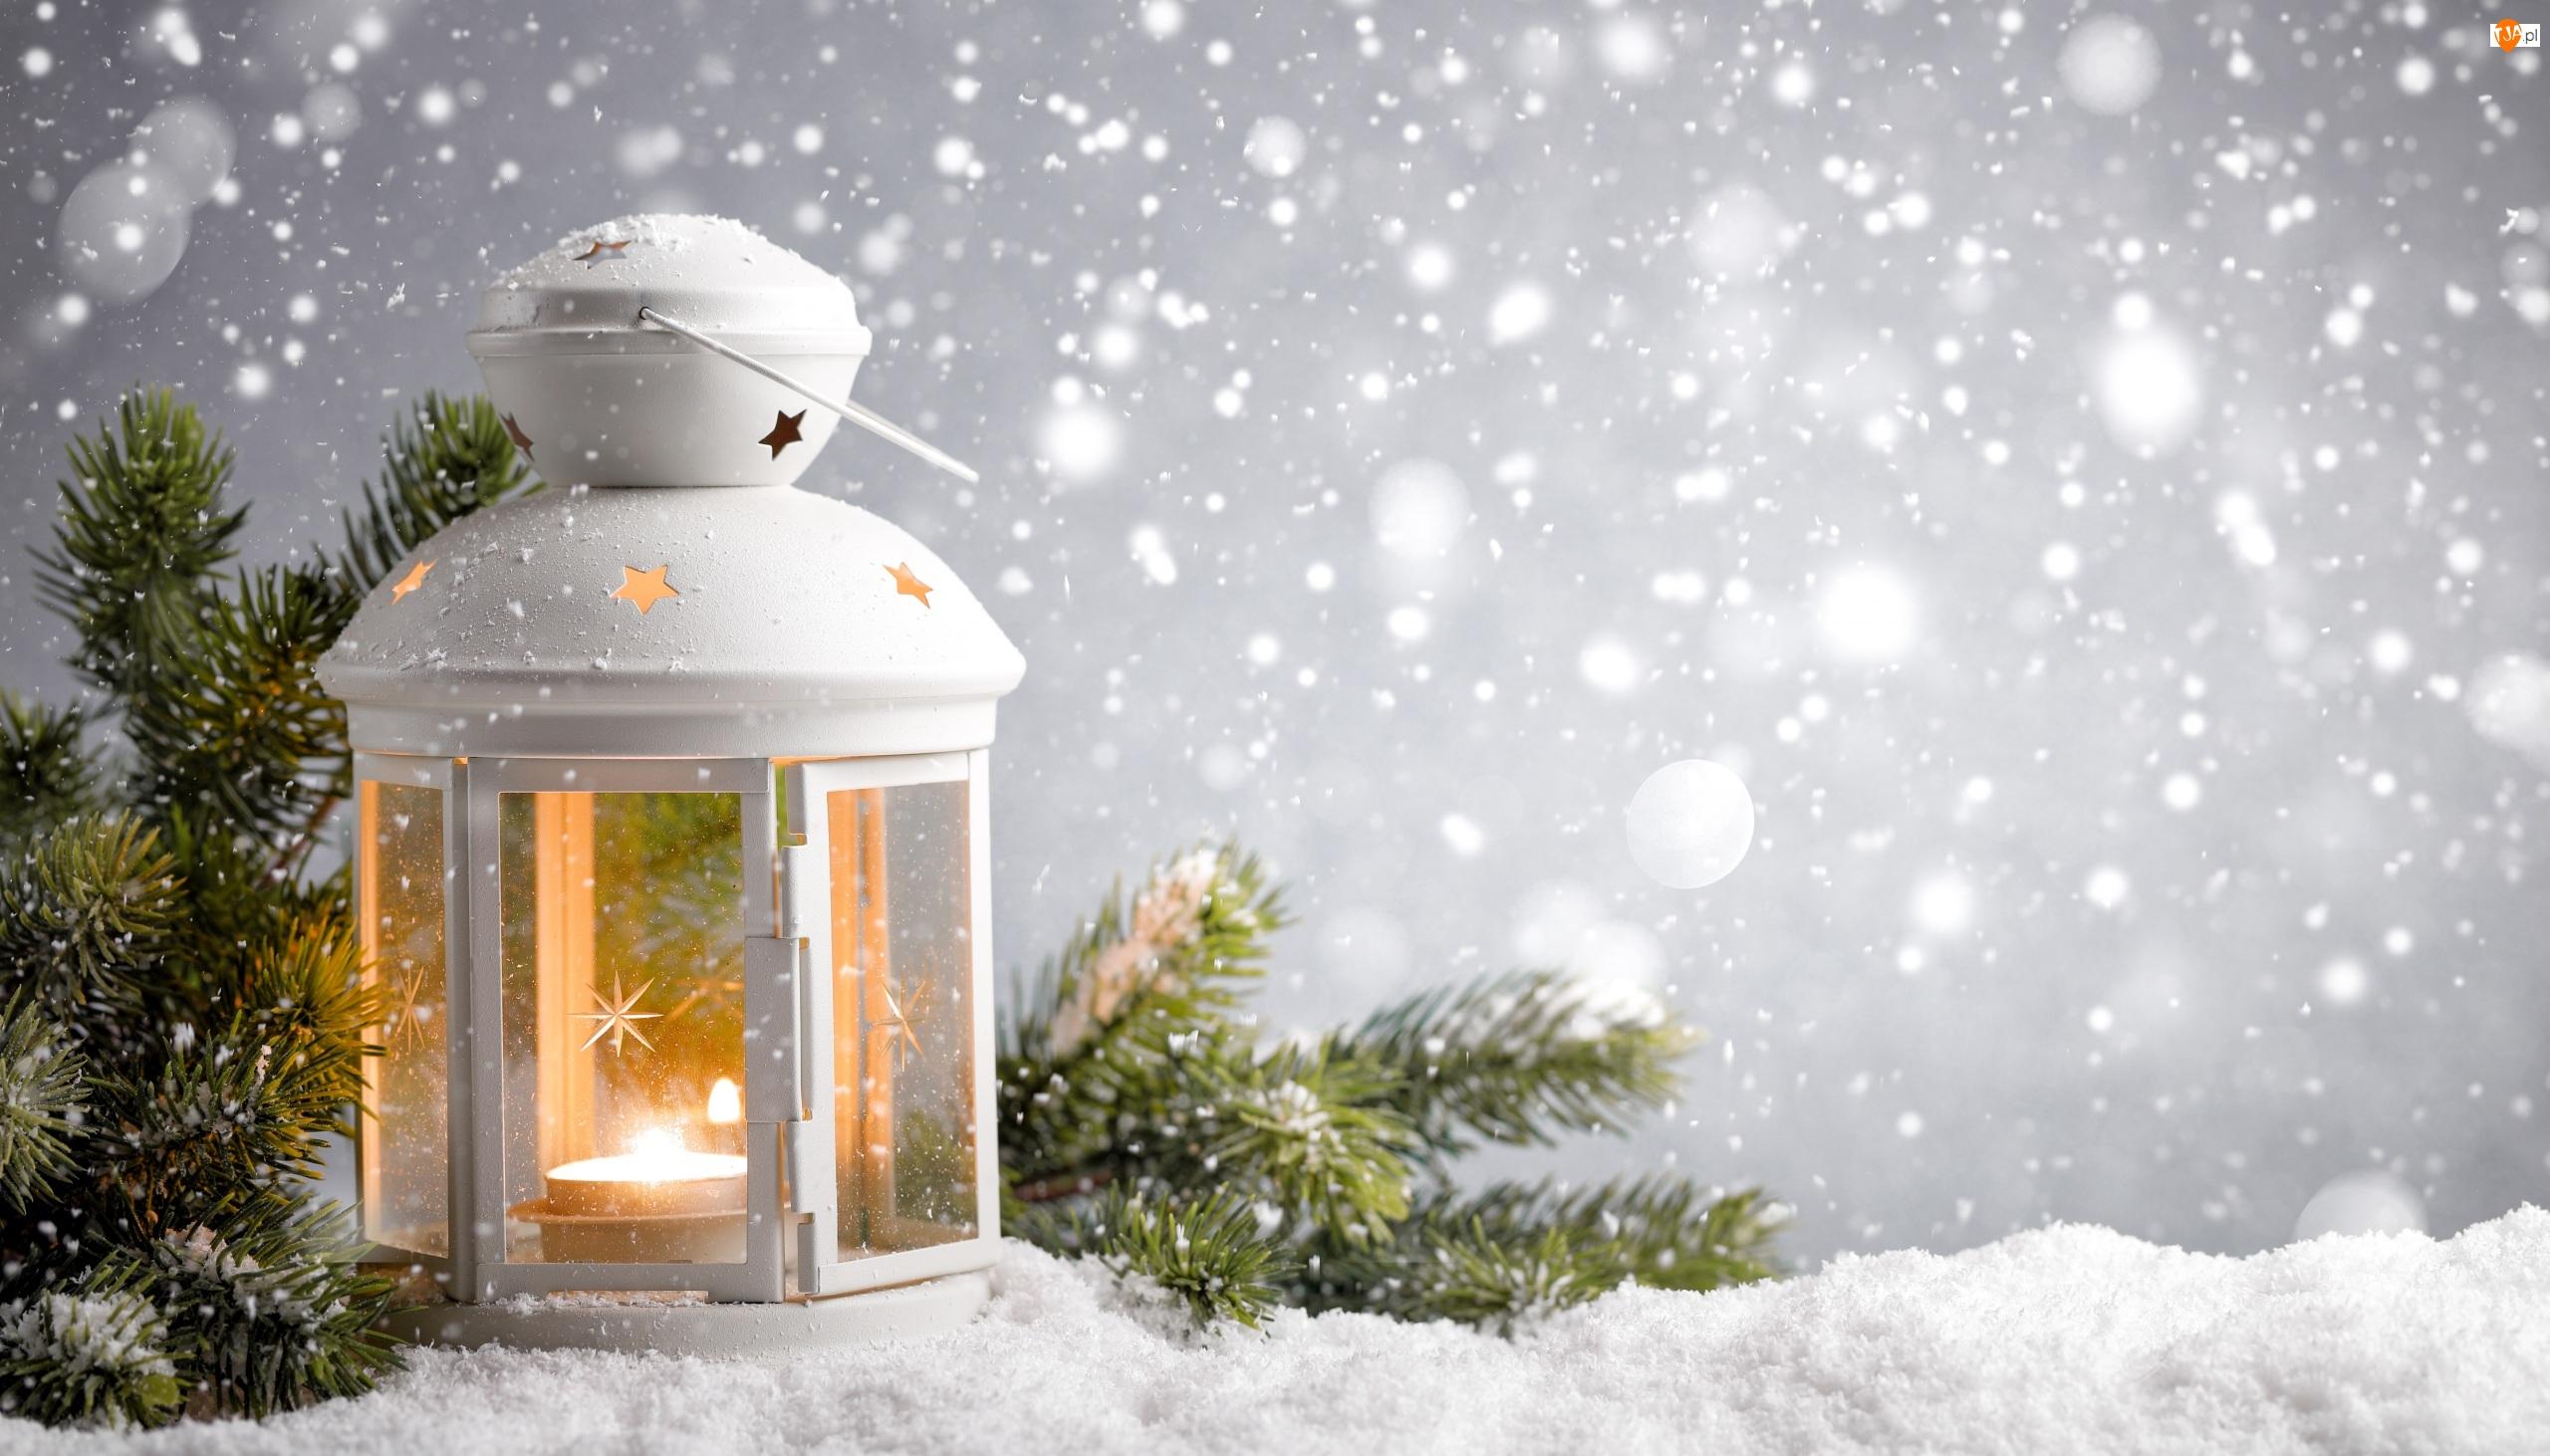 Świąteczna, Śnieg, Dekoracja, Lampion